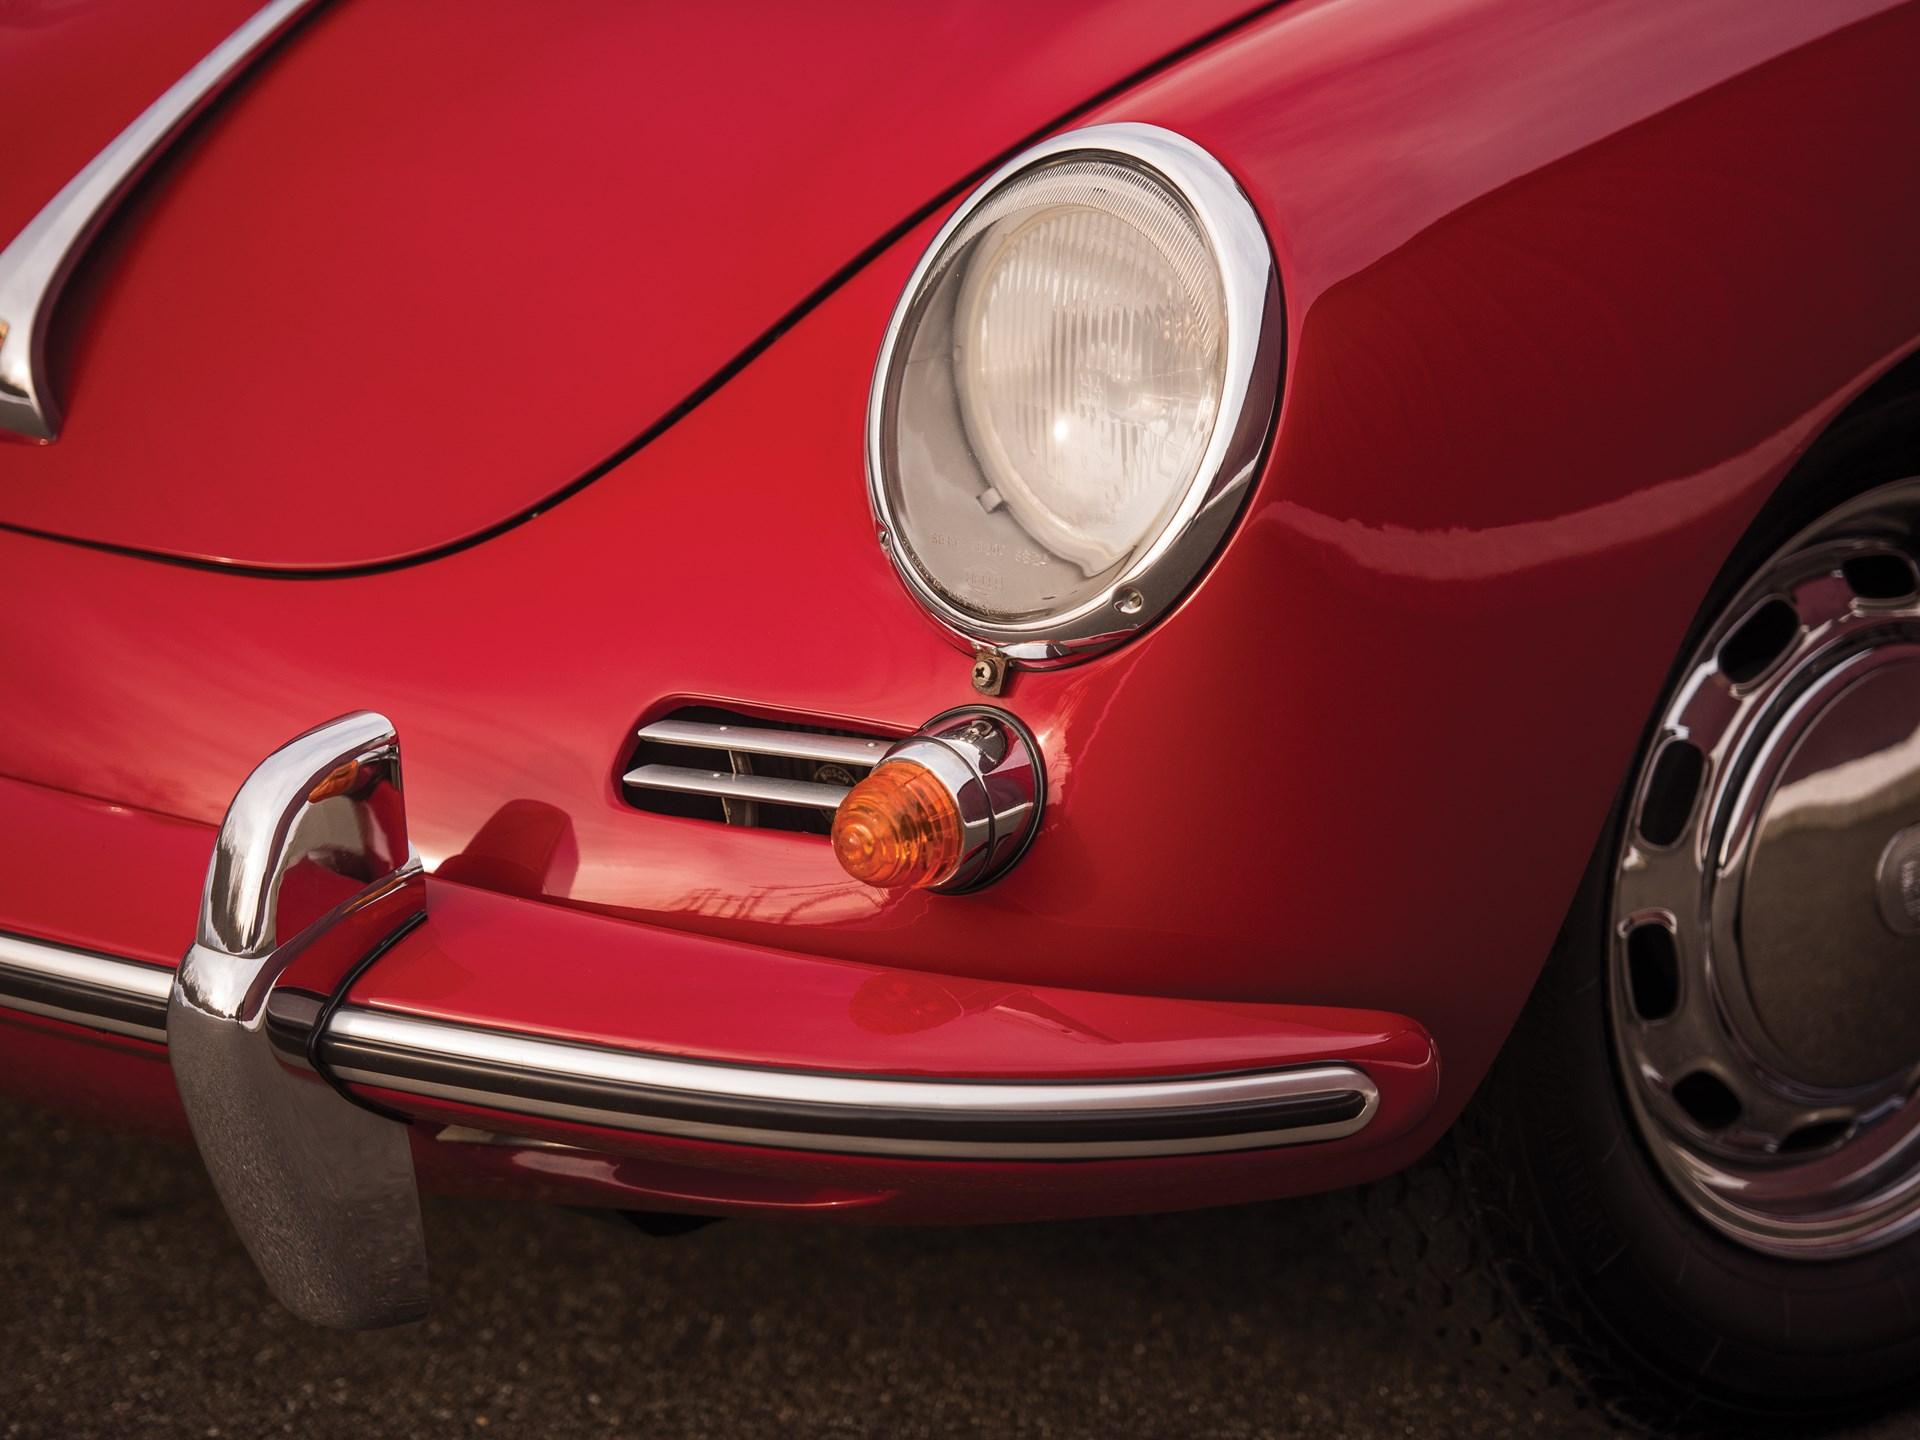 1965 Porsche 356 C 1600 C Cabriolet by Reutter